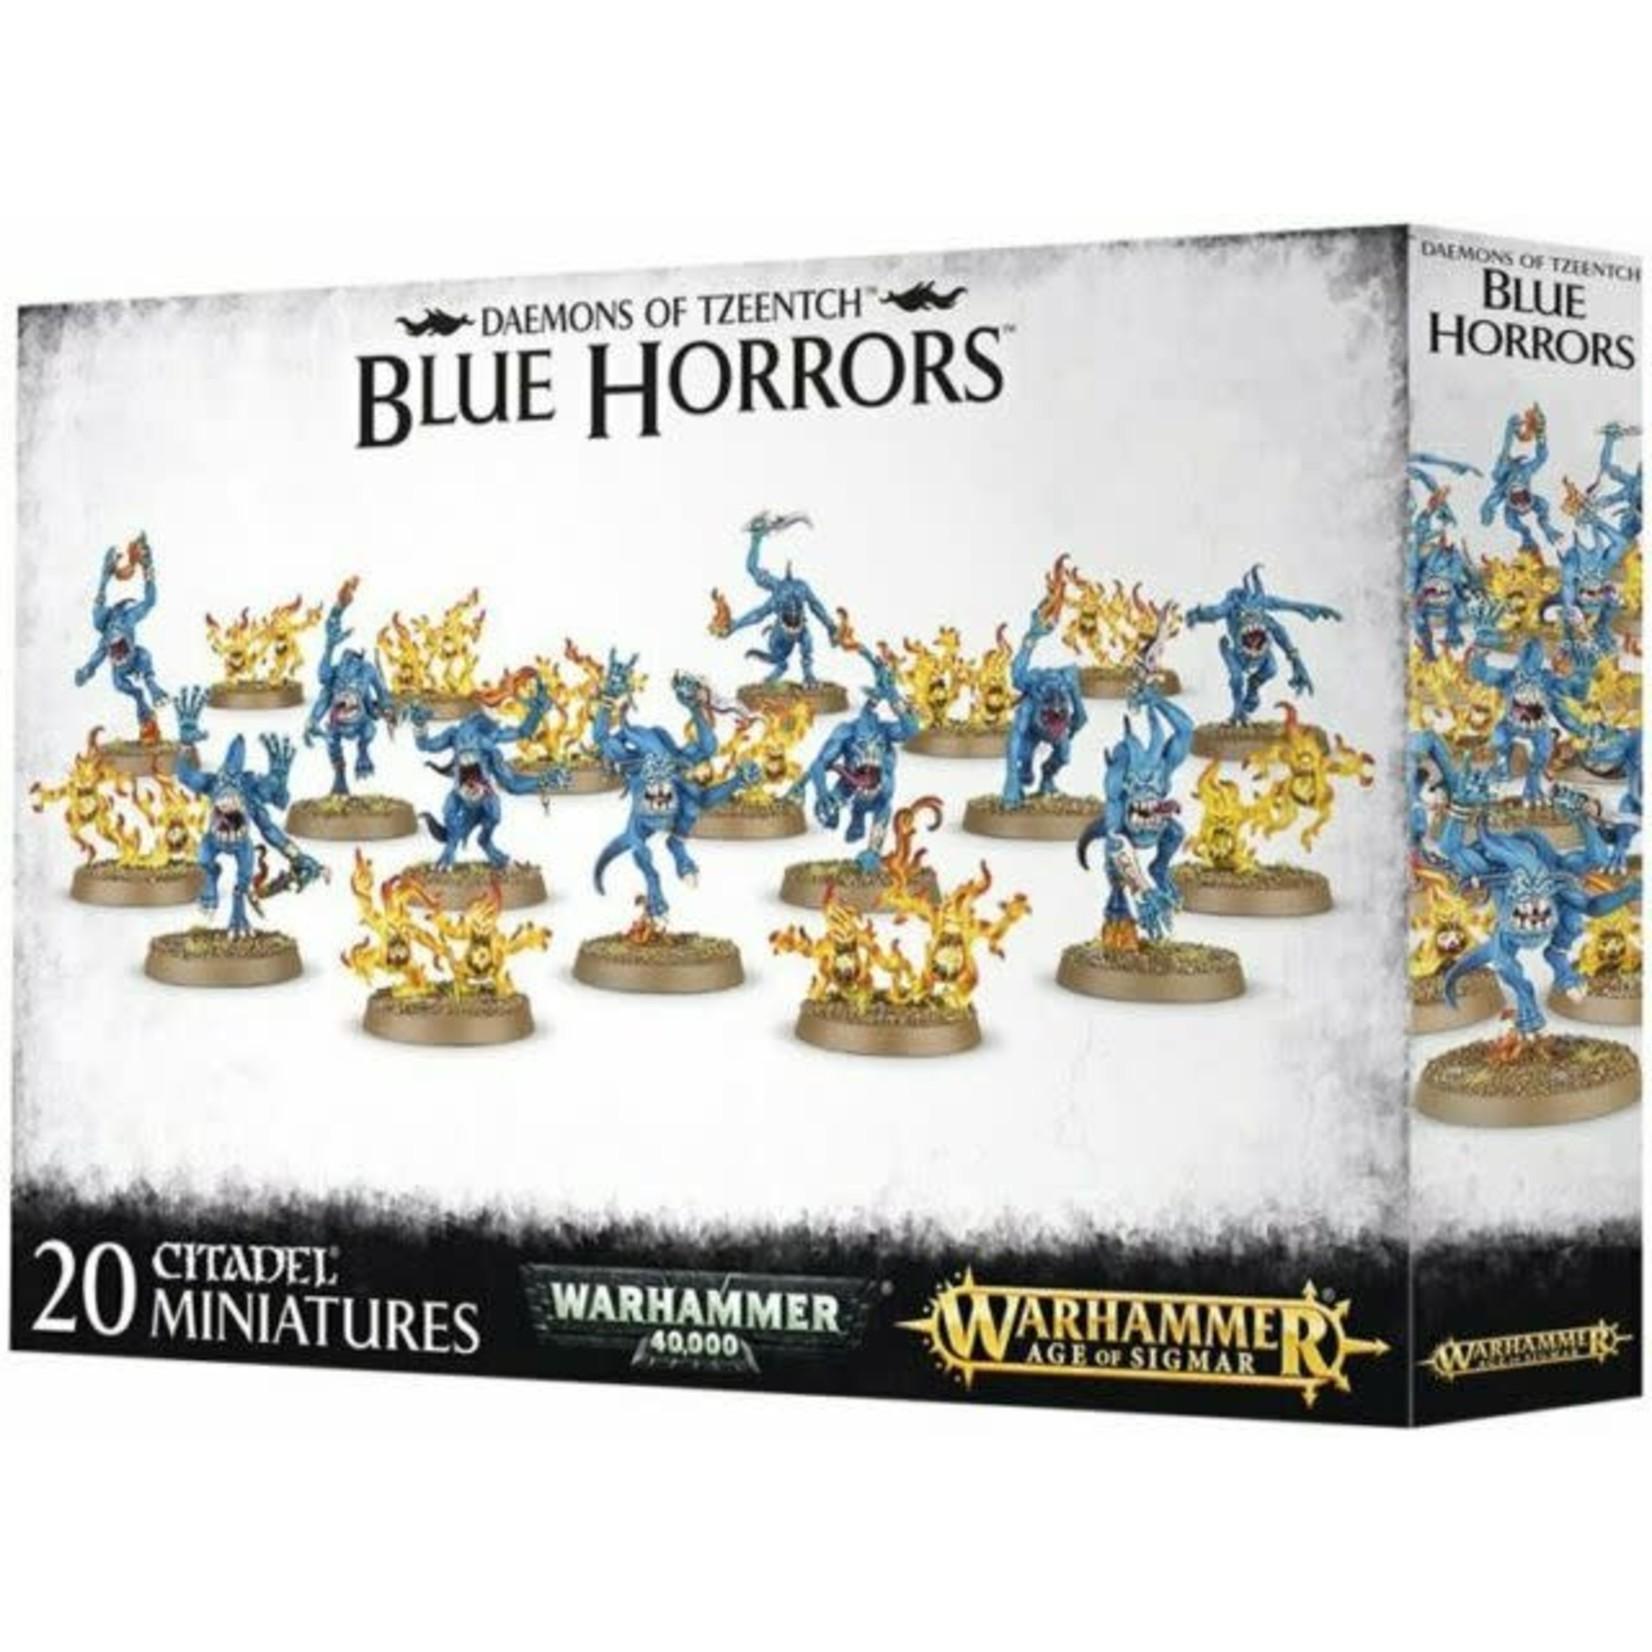 Daemons of Tzeentch Blue Horrors (AOS)